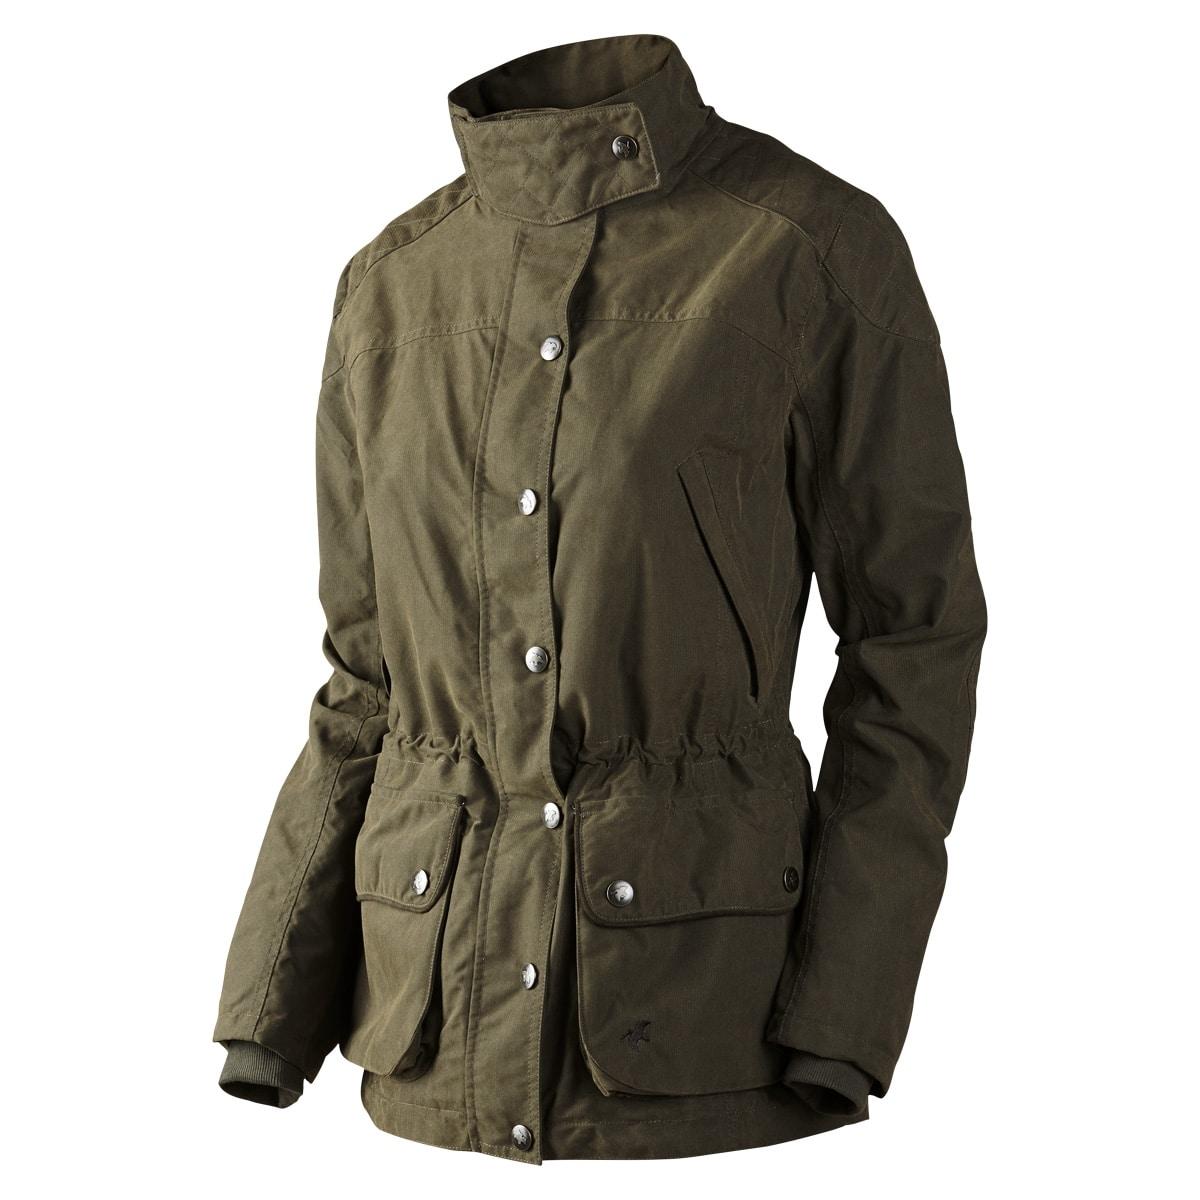 Seeland Key-Point Jacket   Jackets & Fleeces   York Guns Ltd